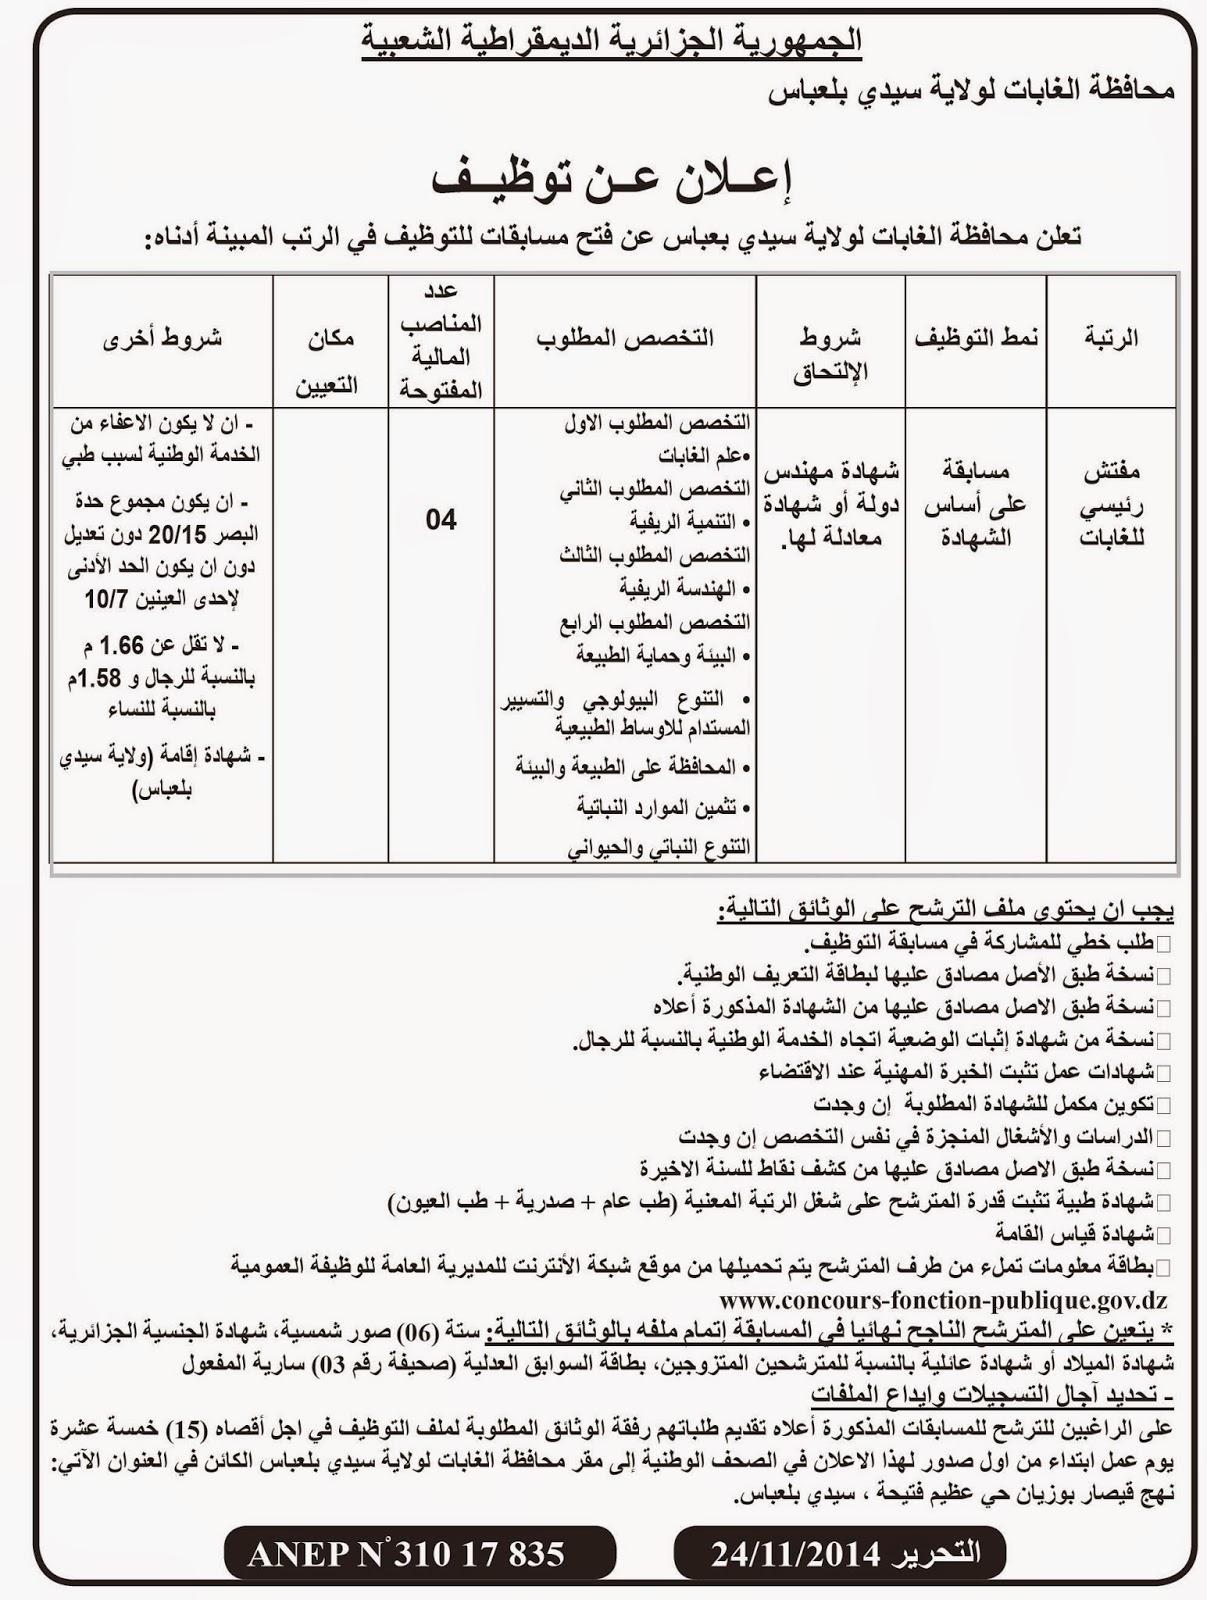 مسابقة توظيف  محافظة الغابات لولاية سيدي بلعباس